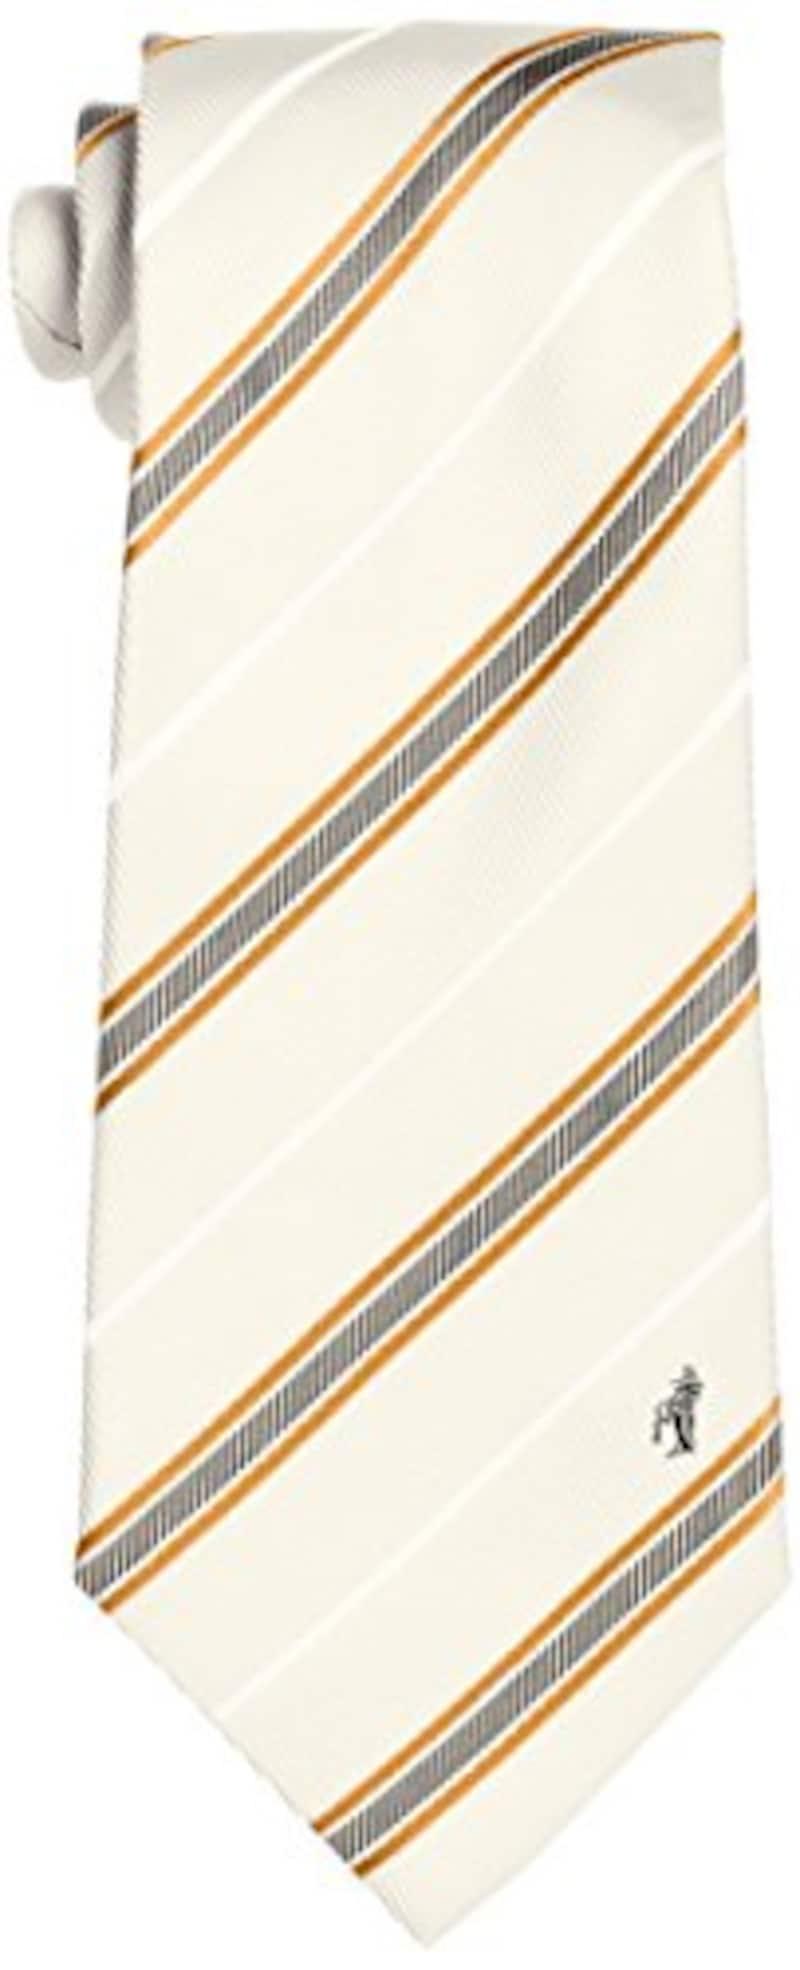 FORTUNA Tokyo(フォーチュナトウキョウ),メンズ ネクタイ 西陣織ネクタイ,FT-T02